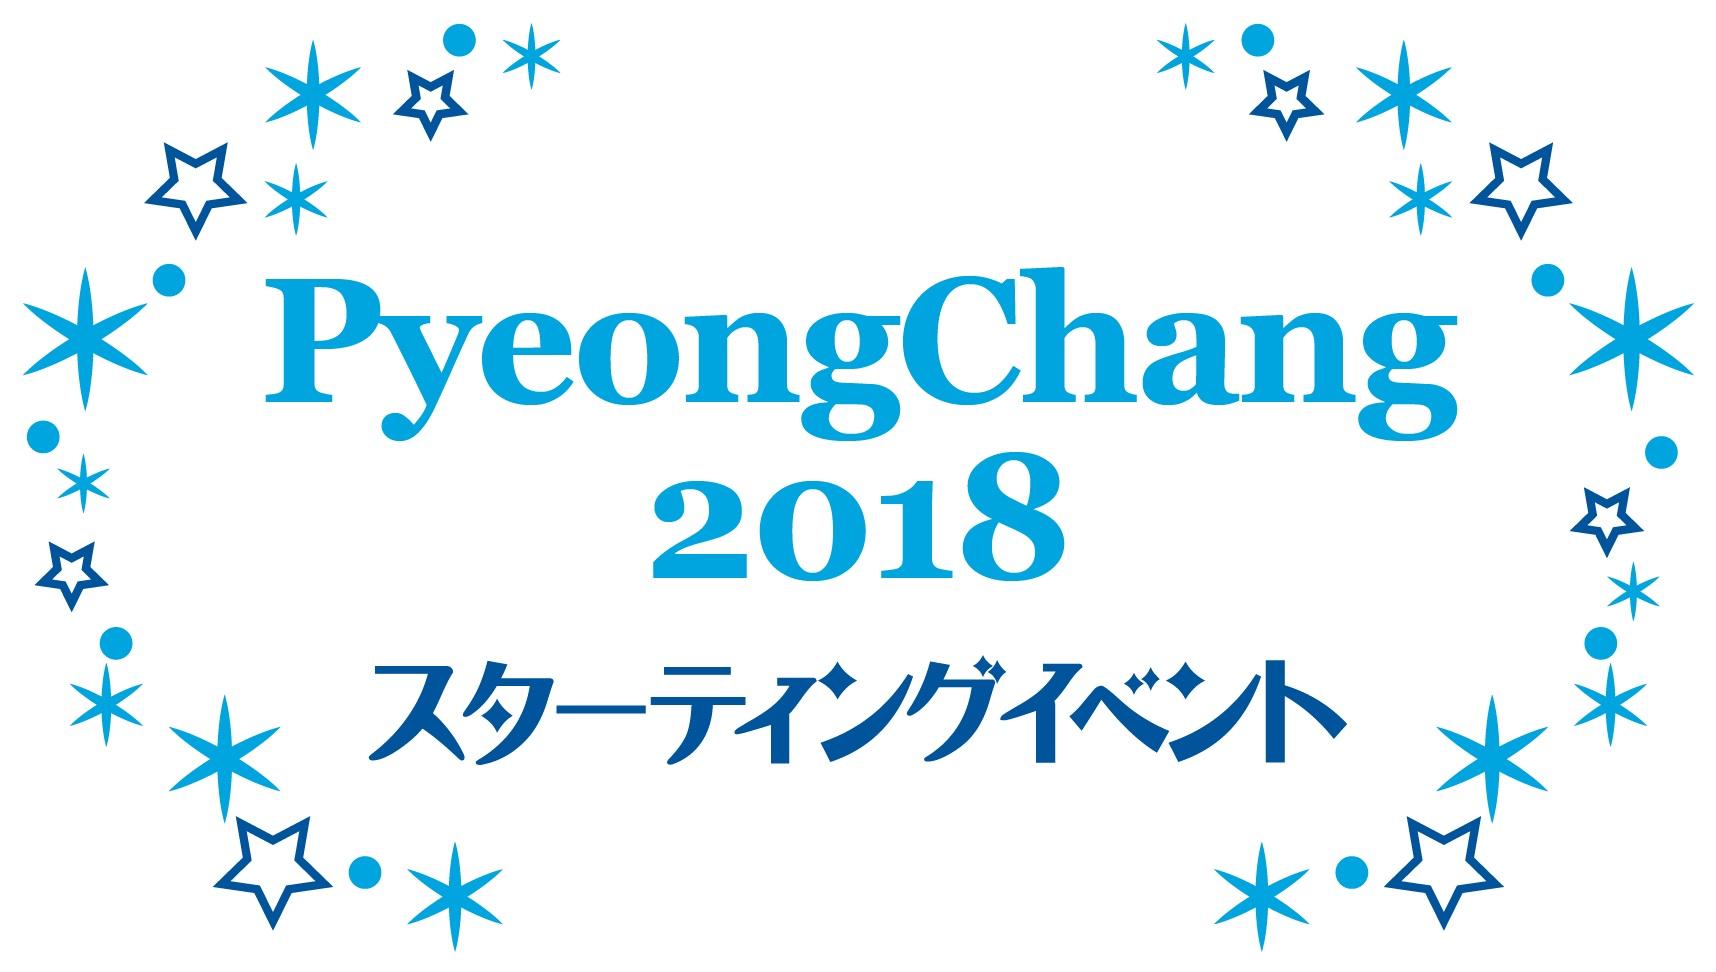 5/20(土) PyeongChang2018 スターティング・イベント(出演:ざわちん / 100% / RUI(H.U.B) / 大学サークルK-POPカバーダンス)